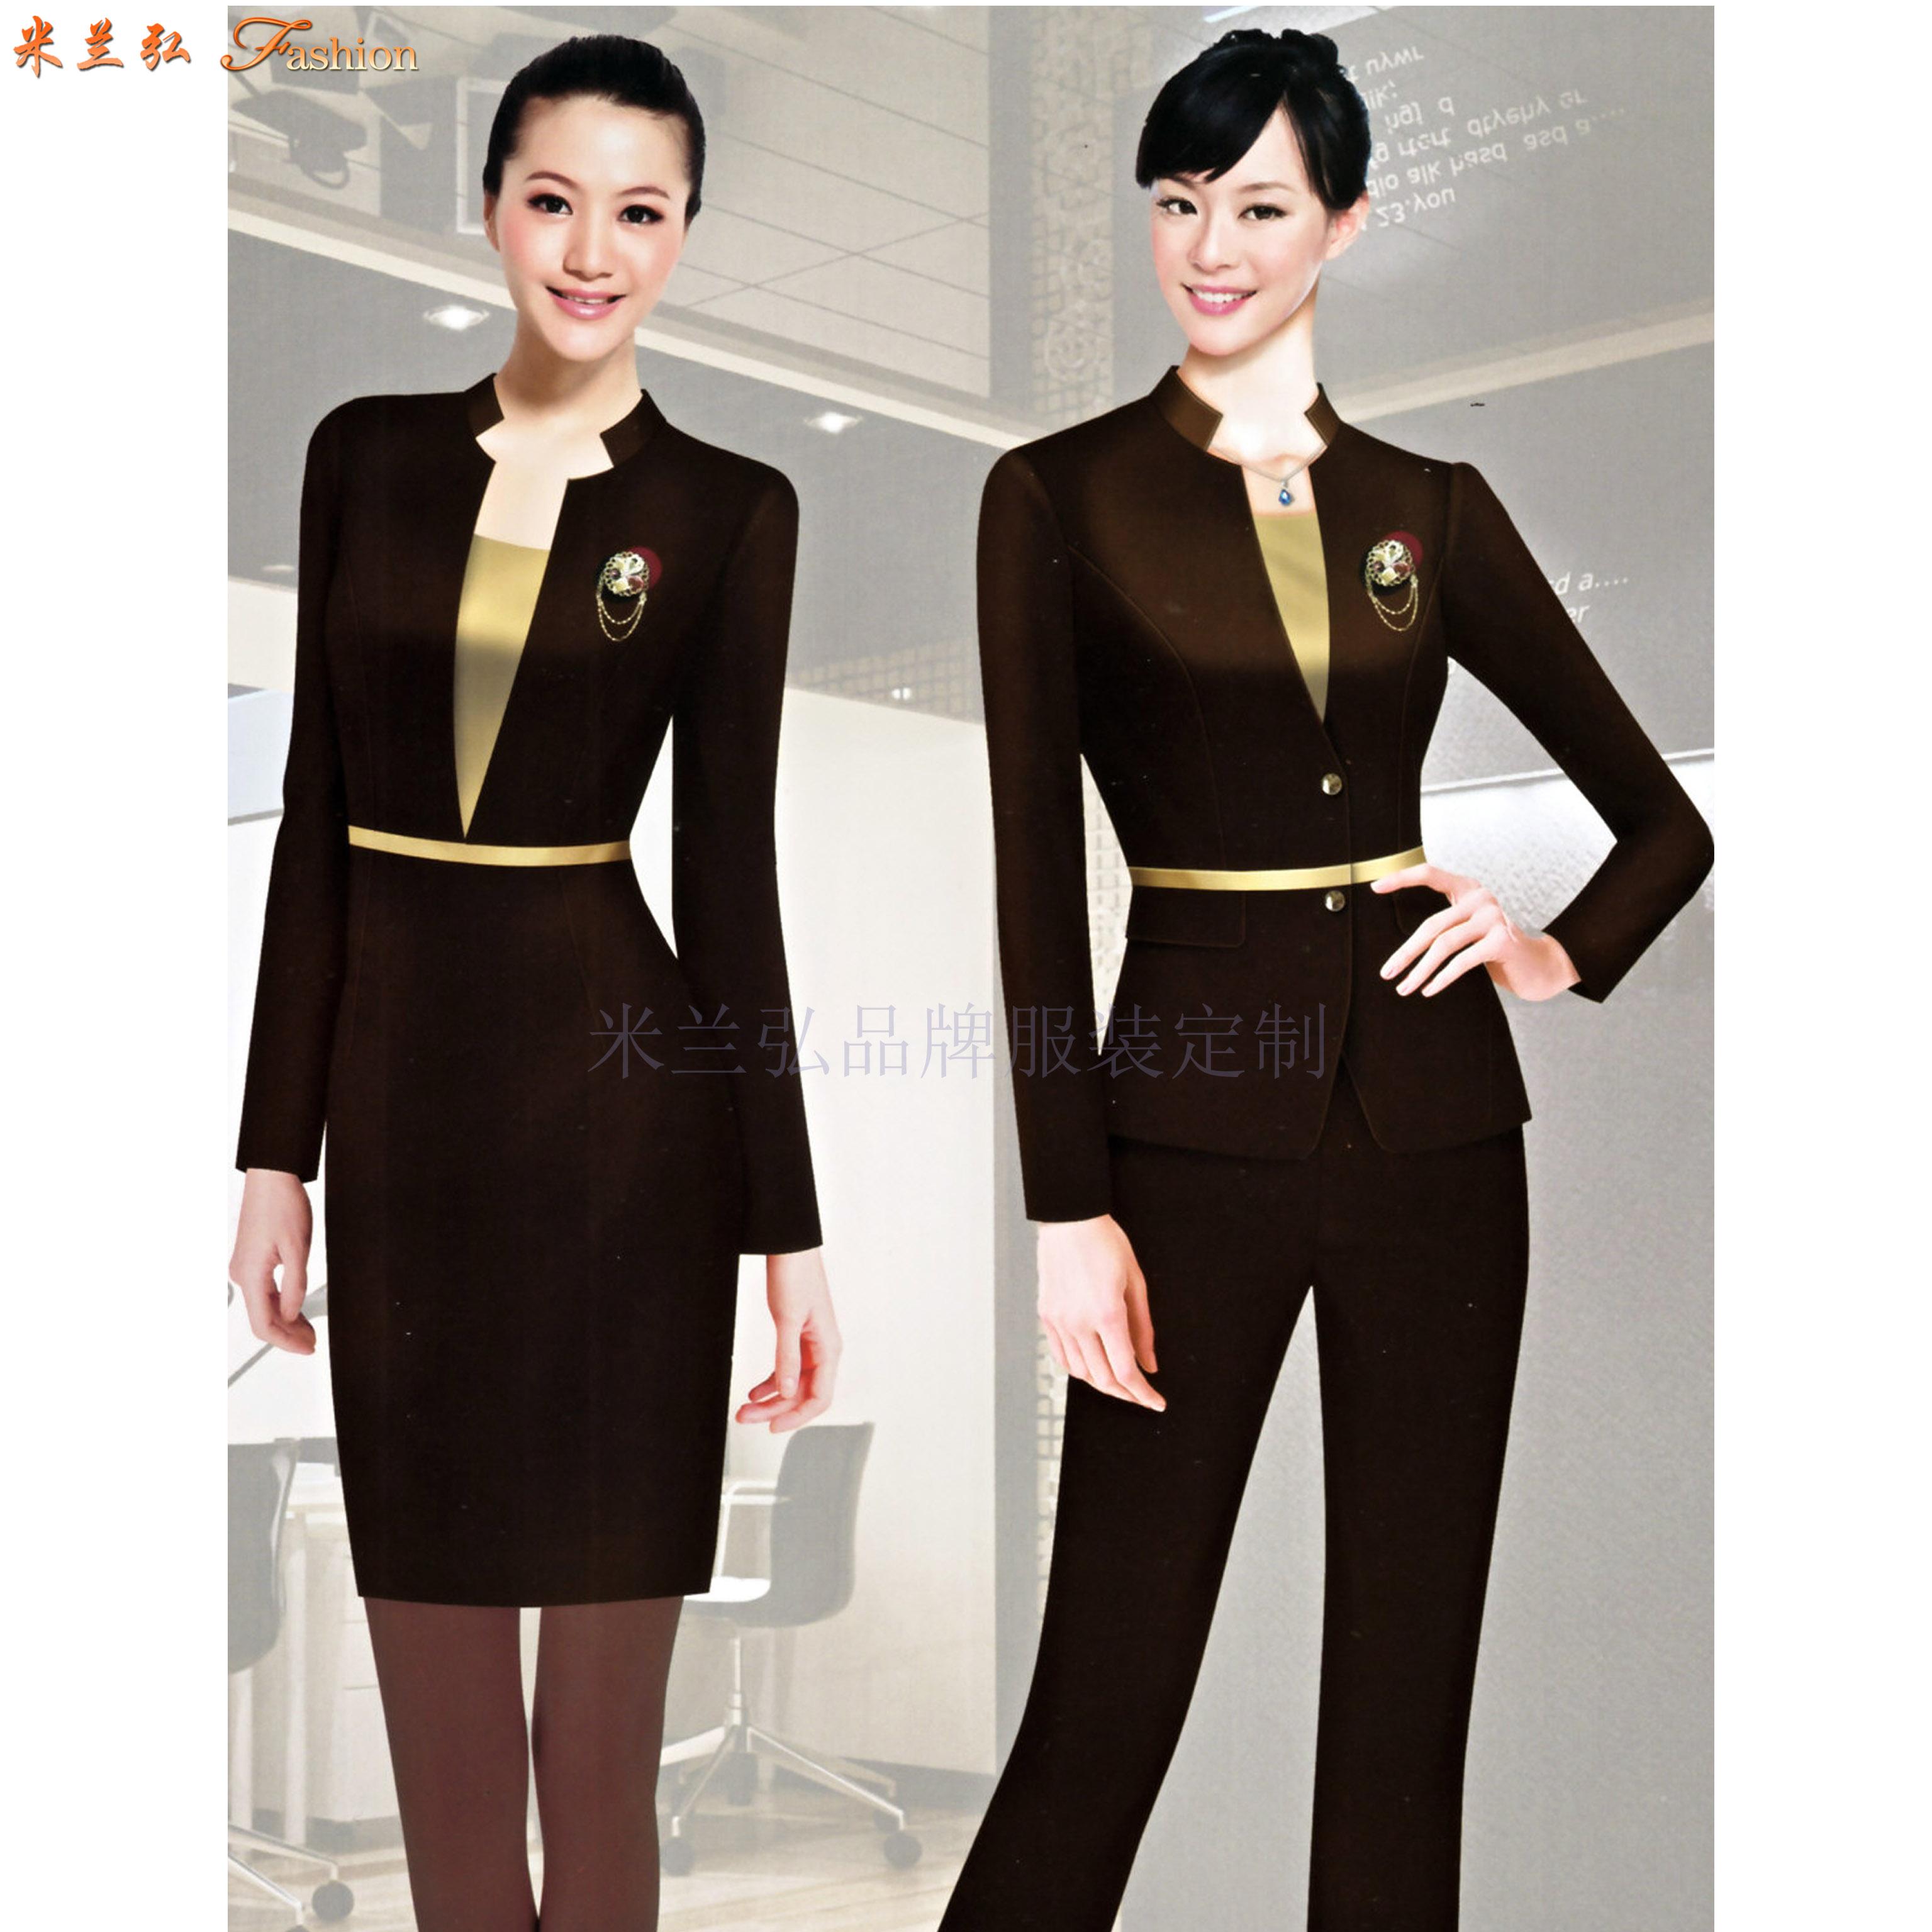 職業裝女裝西裝-白領職業裝女裝套裝-米蘭弘服裝-5